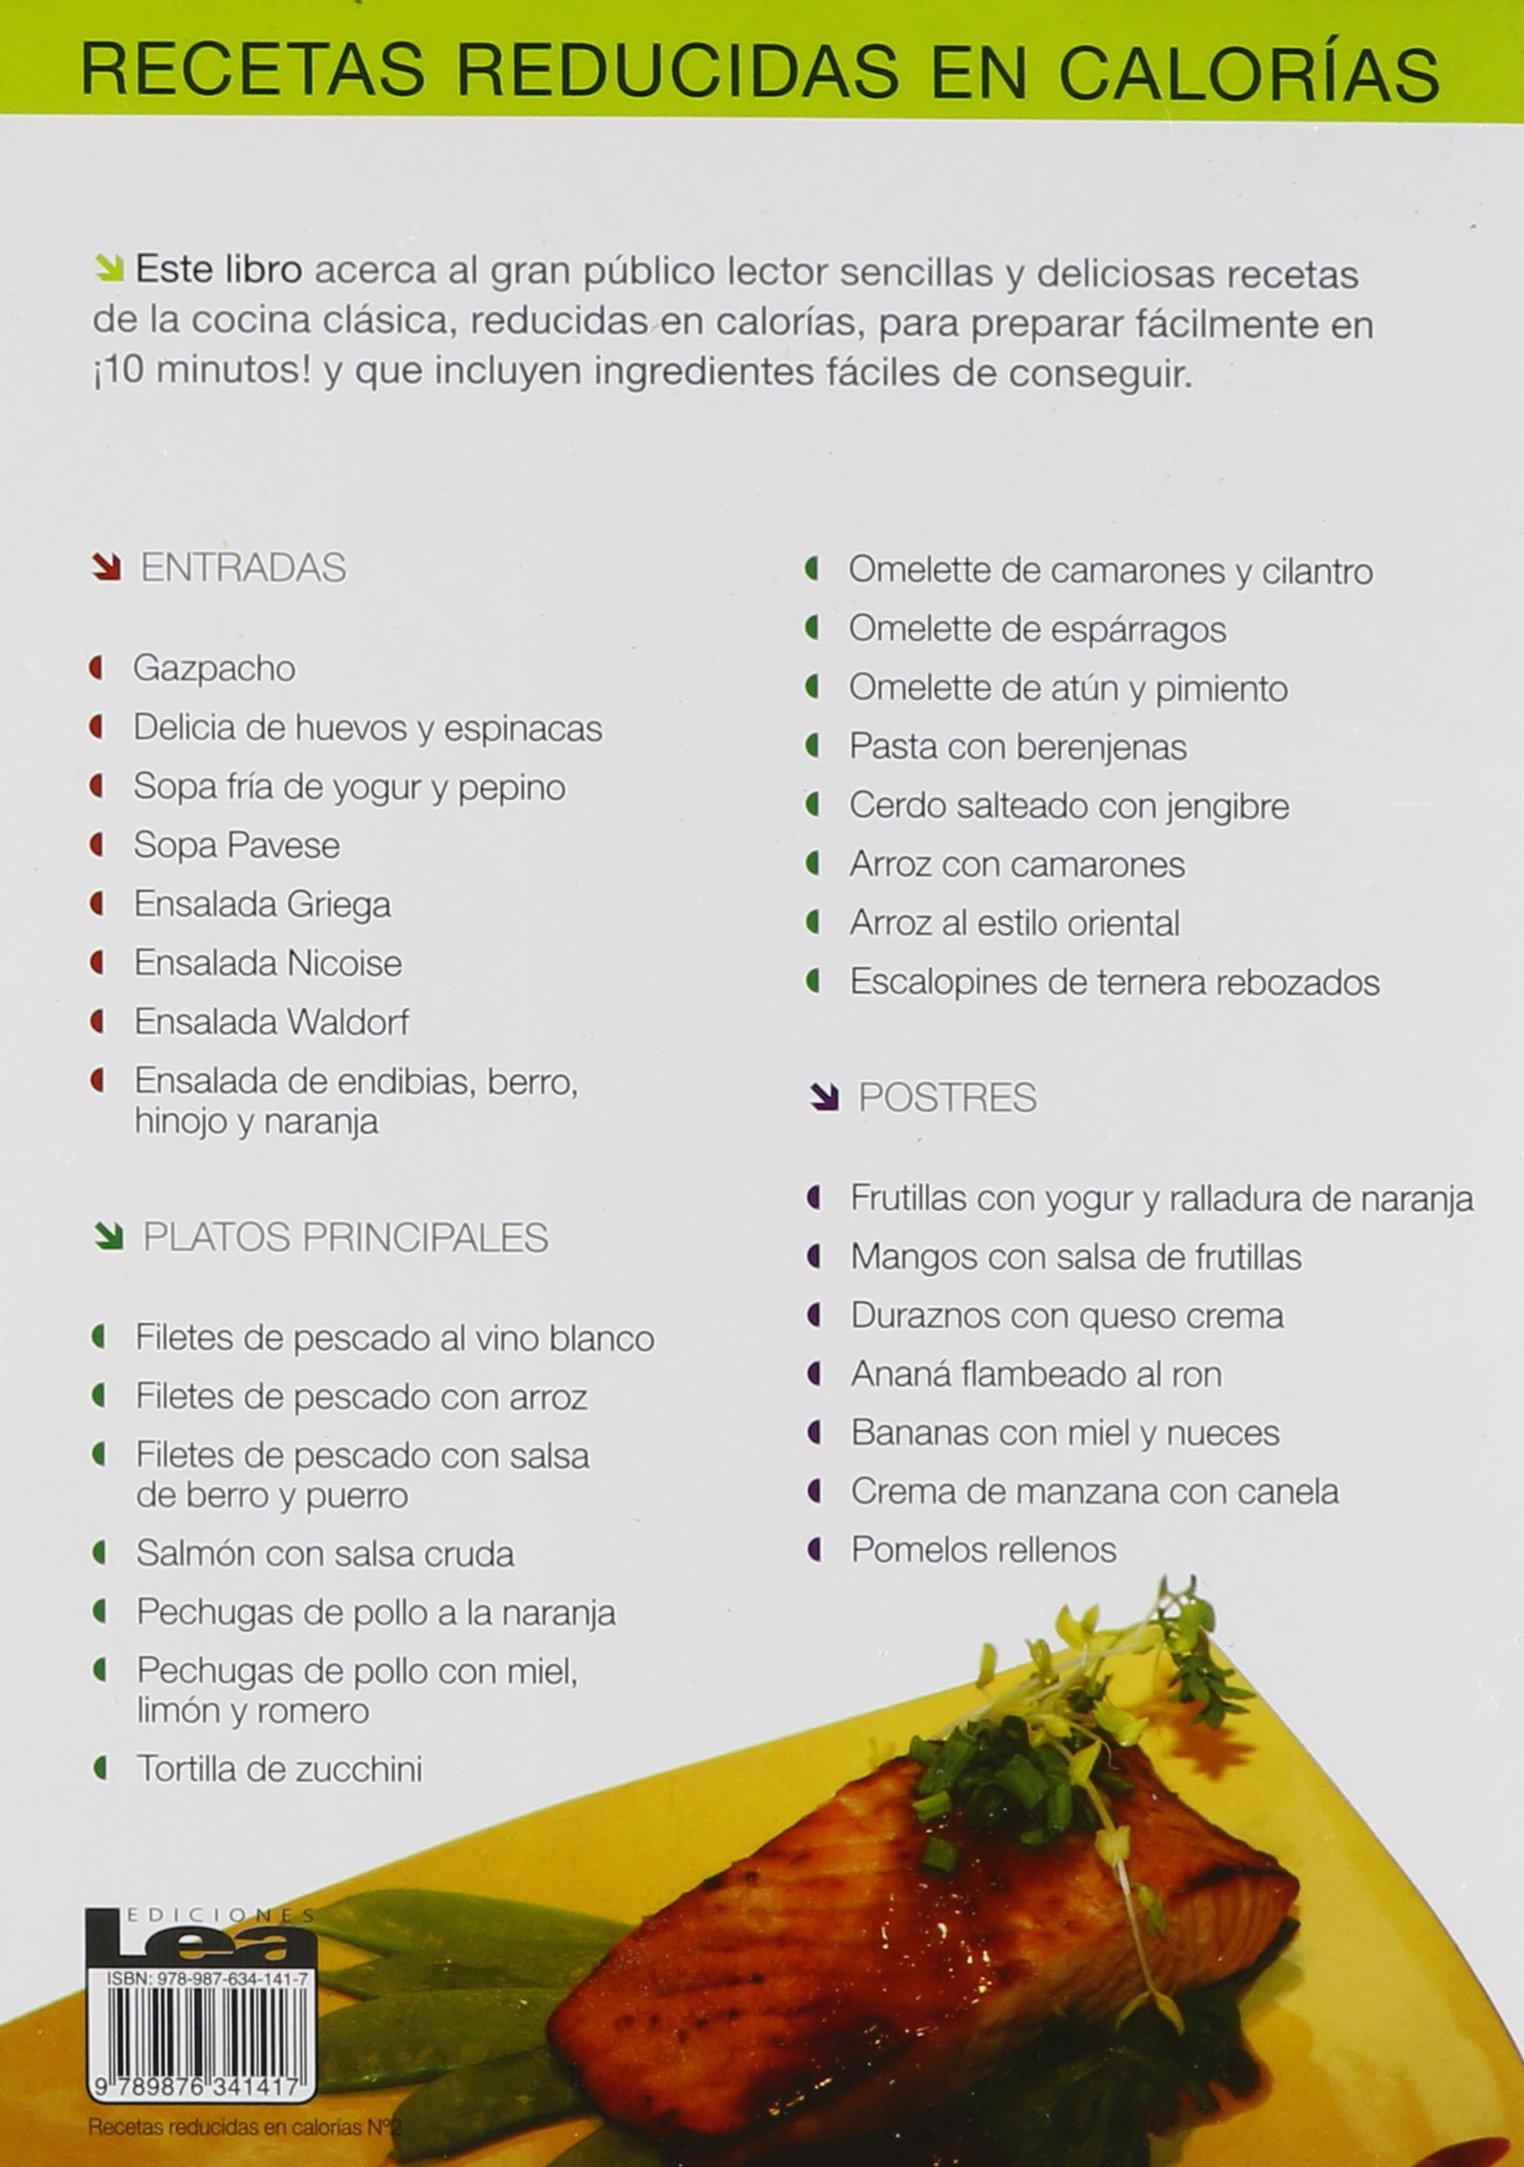 Cocina En 10 Minutos: Amazon.es: Casalins, Eduardo: Libros